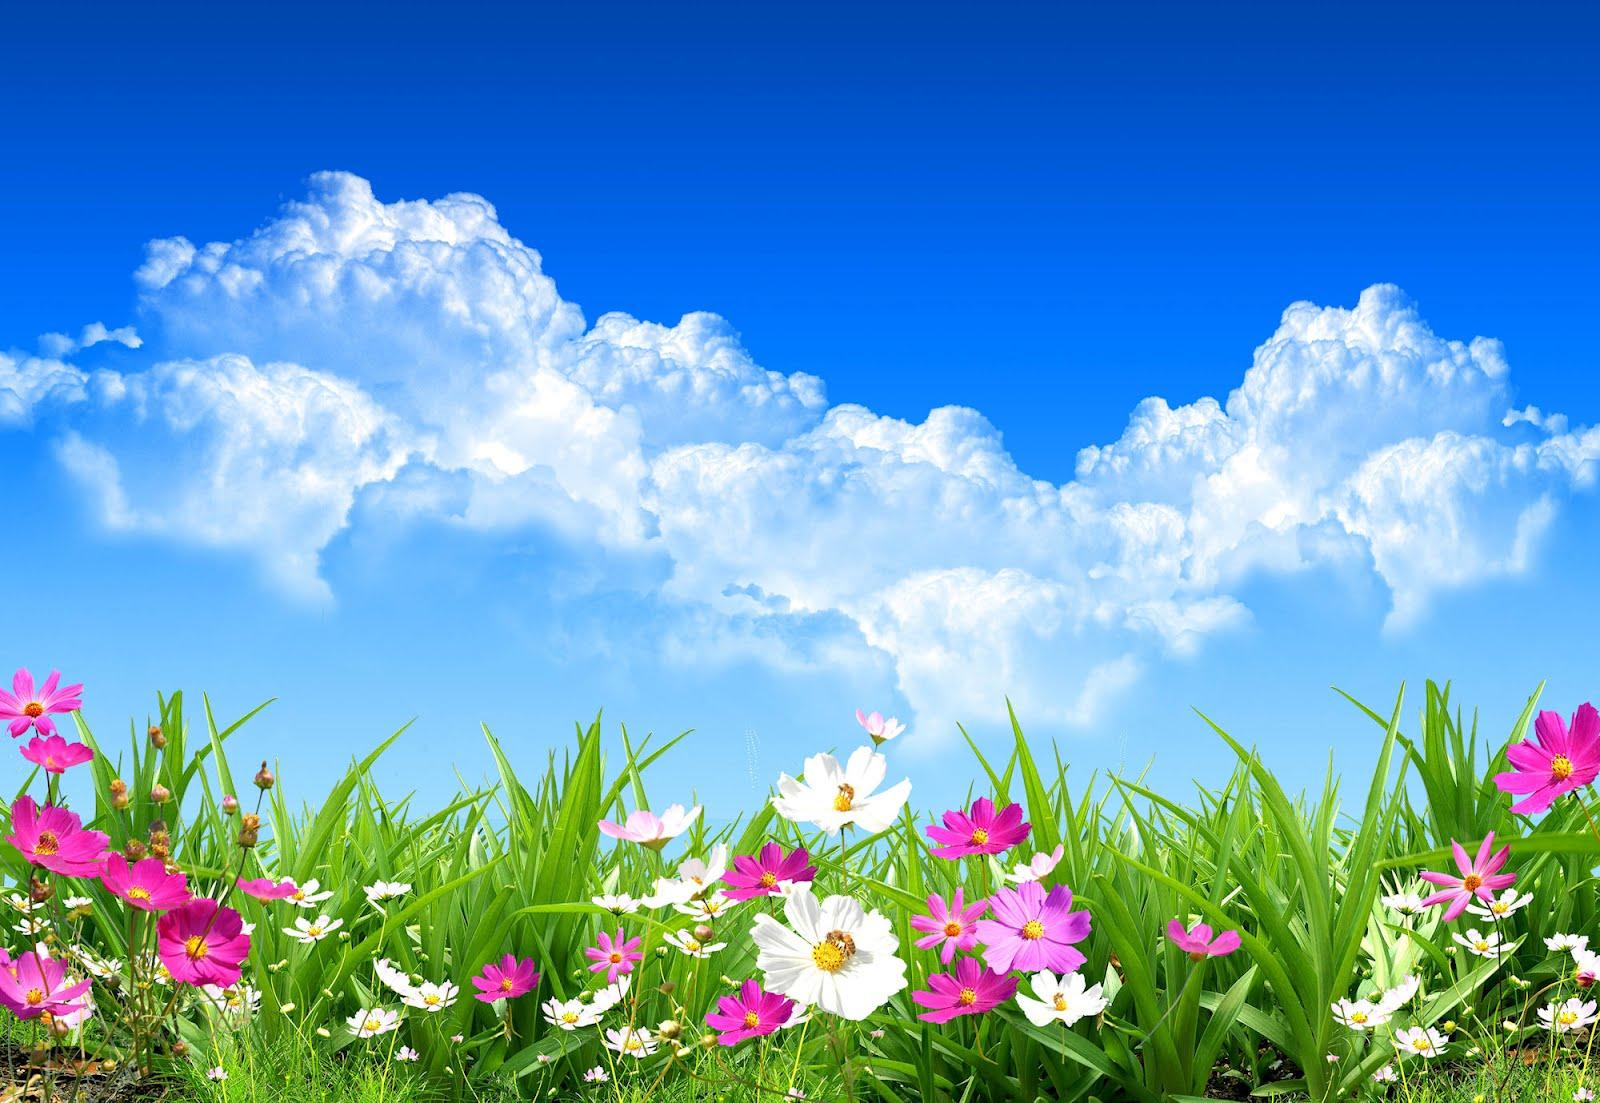 Flores en primavera 1600x1103 fondo de pantalla 2602 - Plantas de temporada primavera ...